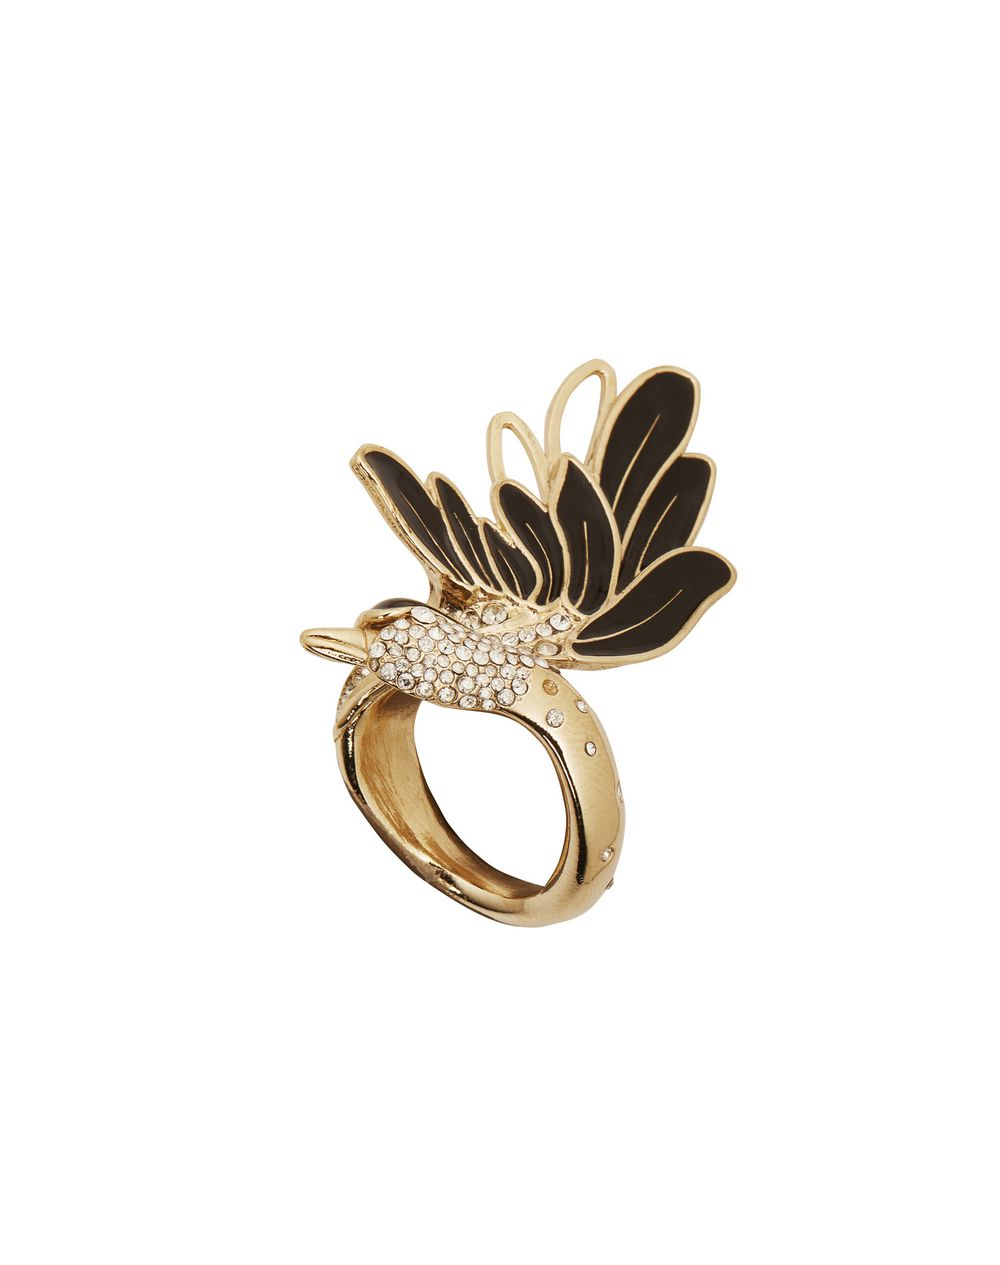 BIRD RING - Lanvin